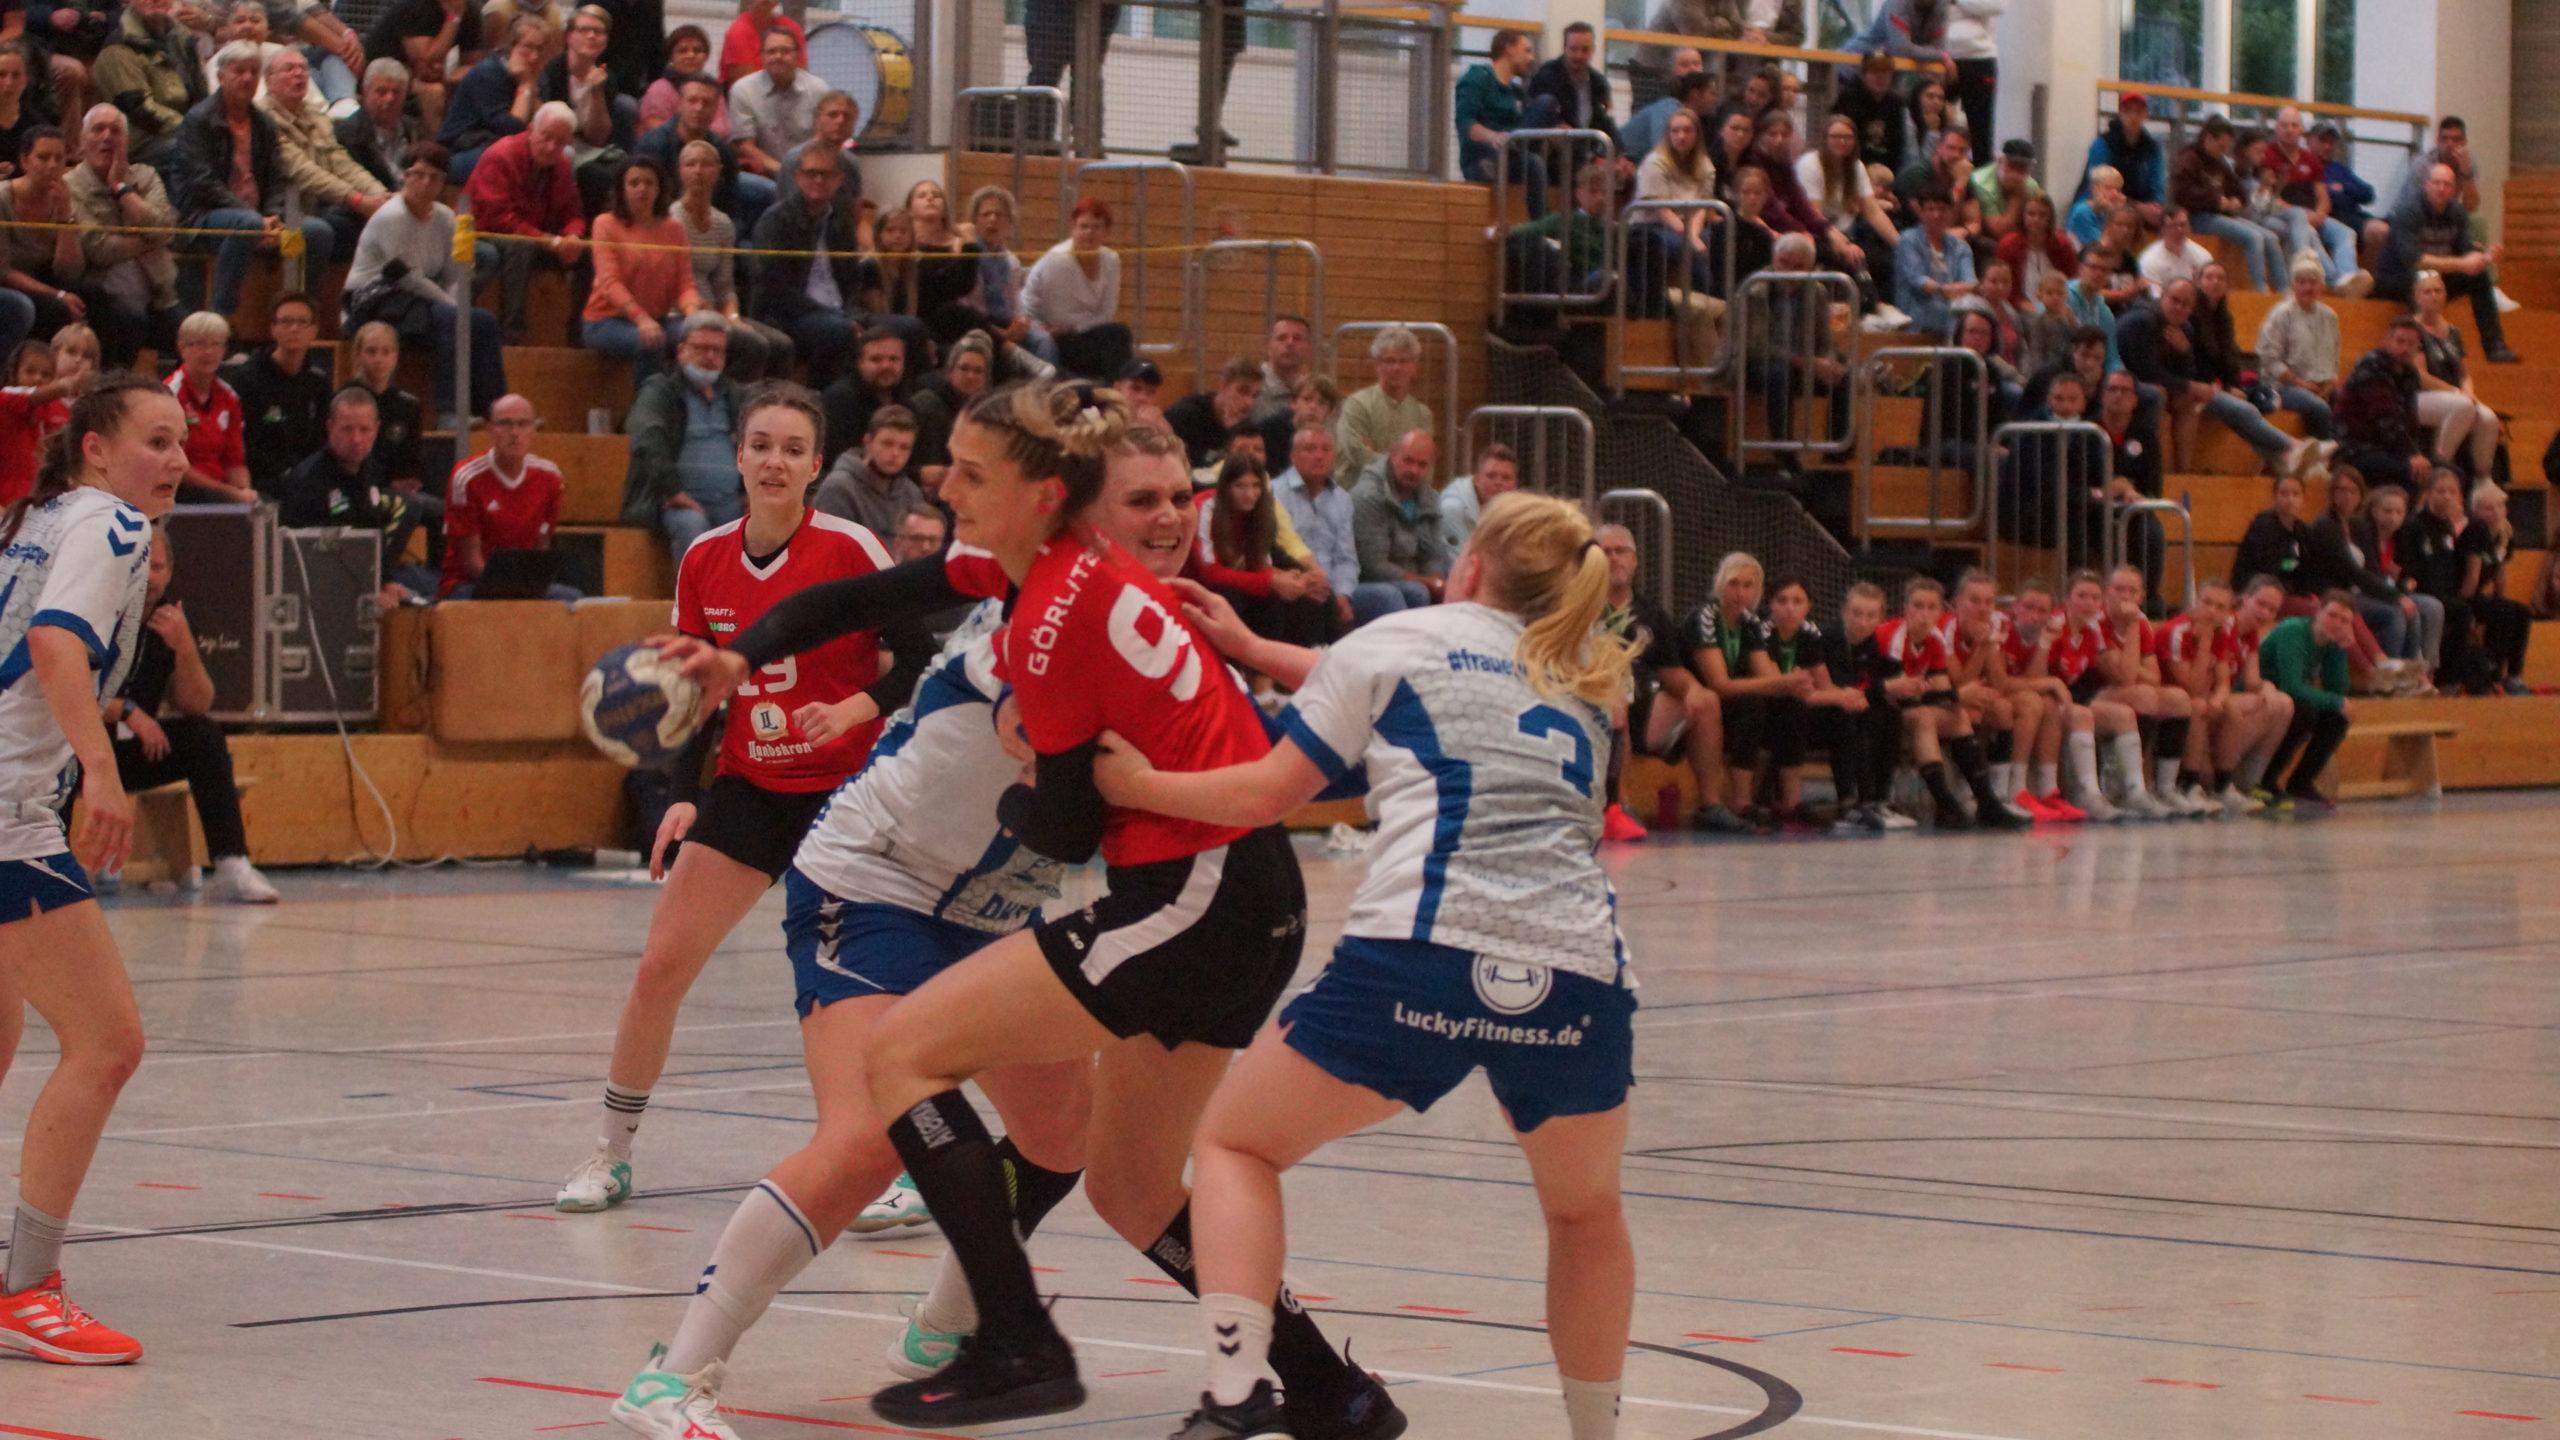 Foto (Gert Richter): GÖRLS glänzen mit Tempohandball, guter Kondition – und Kampfgeist, hier Dominika Podsiadlo